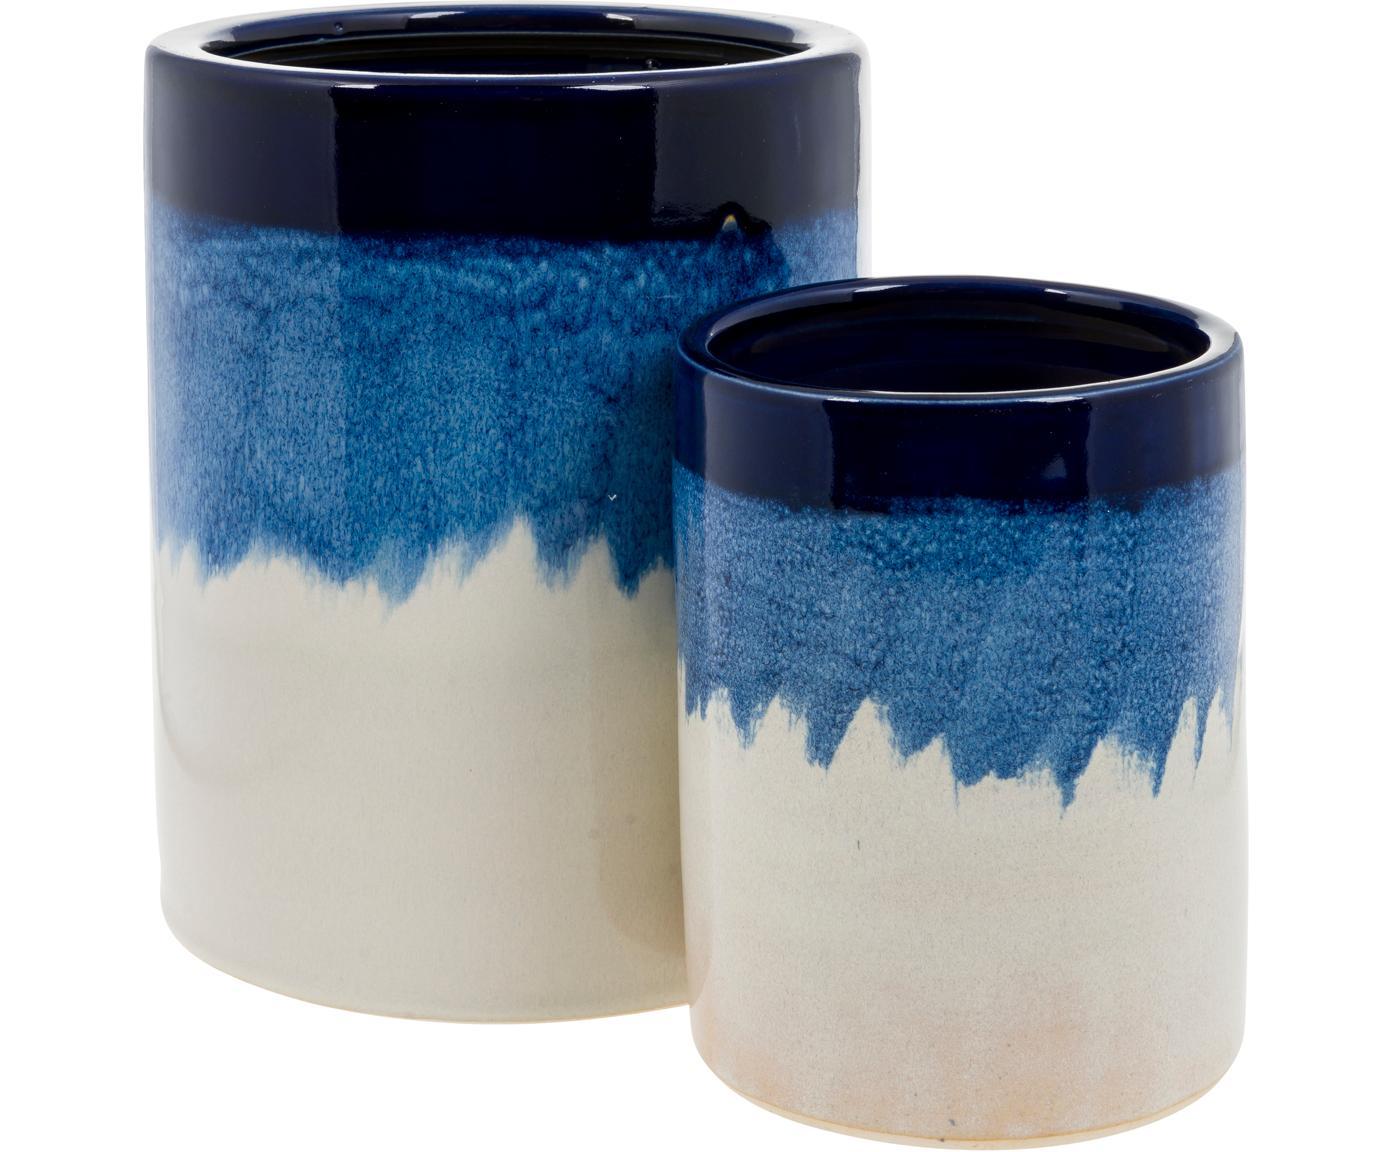 Übertöpfe-Set Bora, 2-tlg., Steingut, Blautöne, gebrochenes Weiß, Sondergrößen